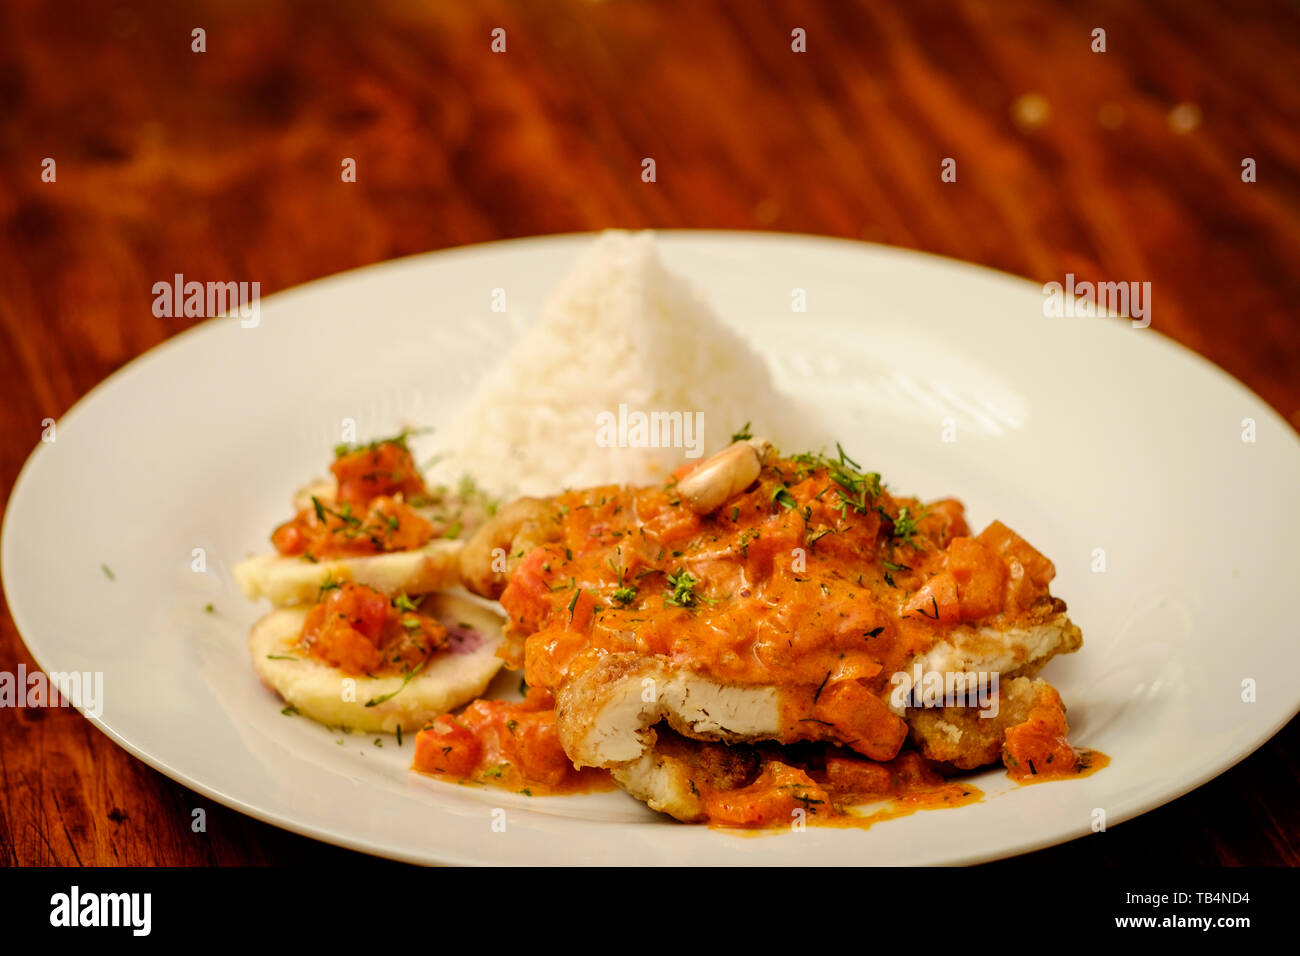 Peruvian Fried Fish A Lo Macho With Rice Or Pescado A Lo Macho Prepared In A Peruvian Cooking Workshop In Arequipa Peru Stock Photo Alamy